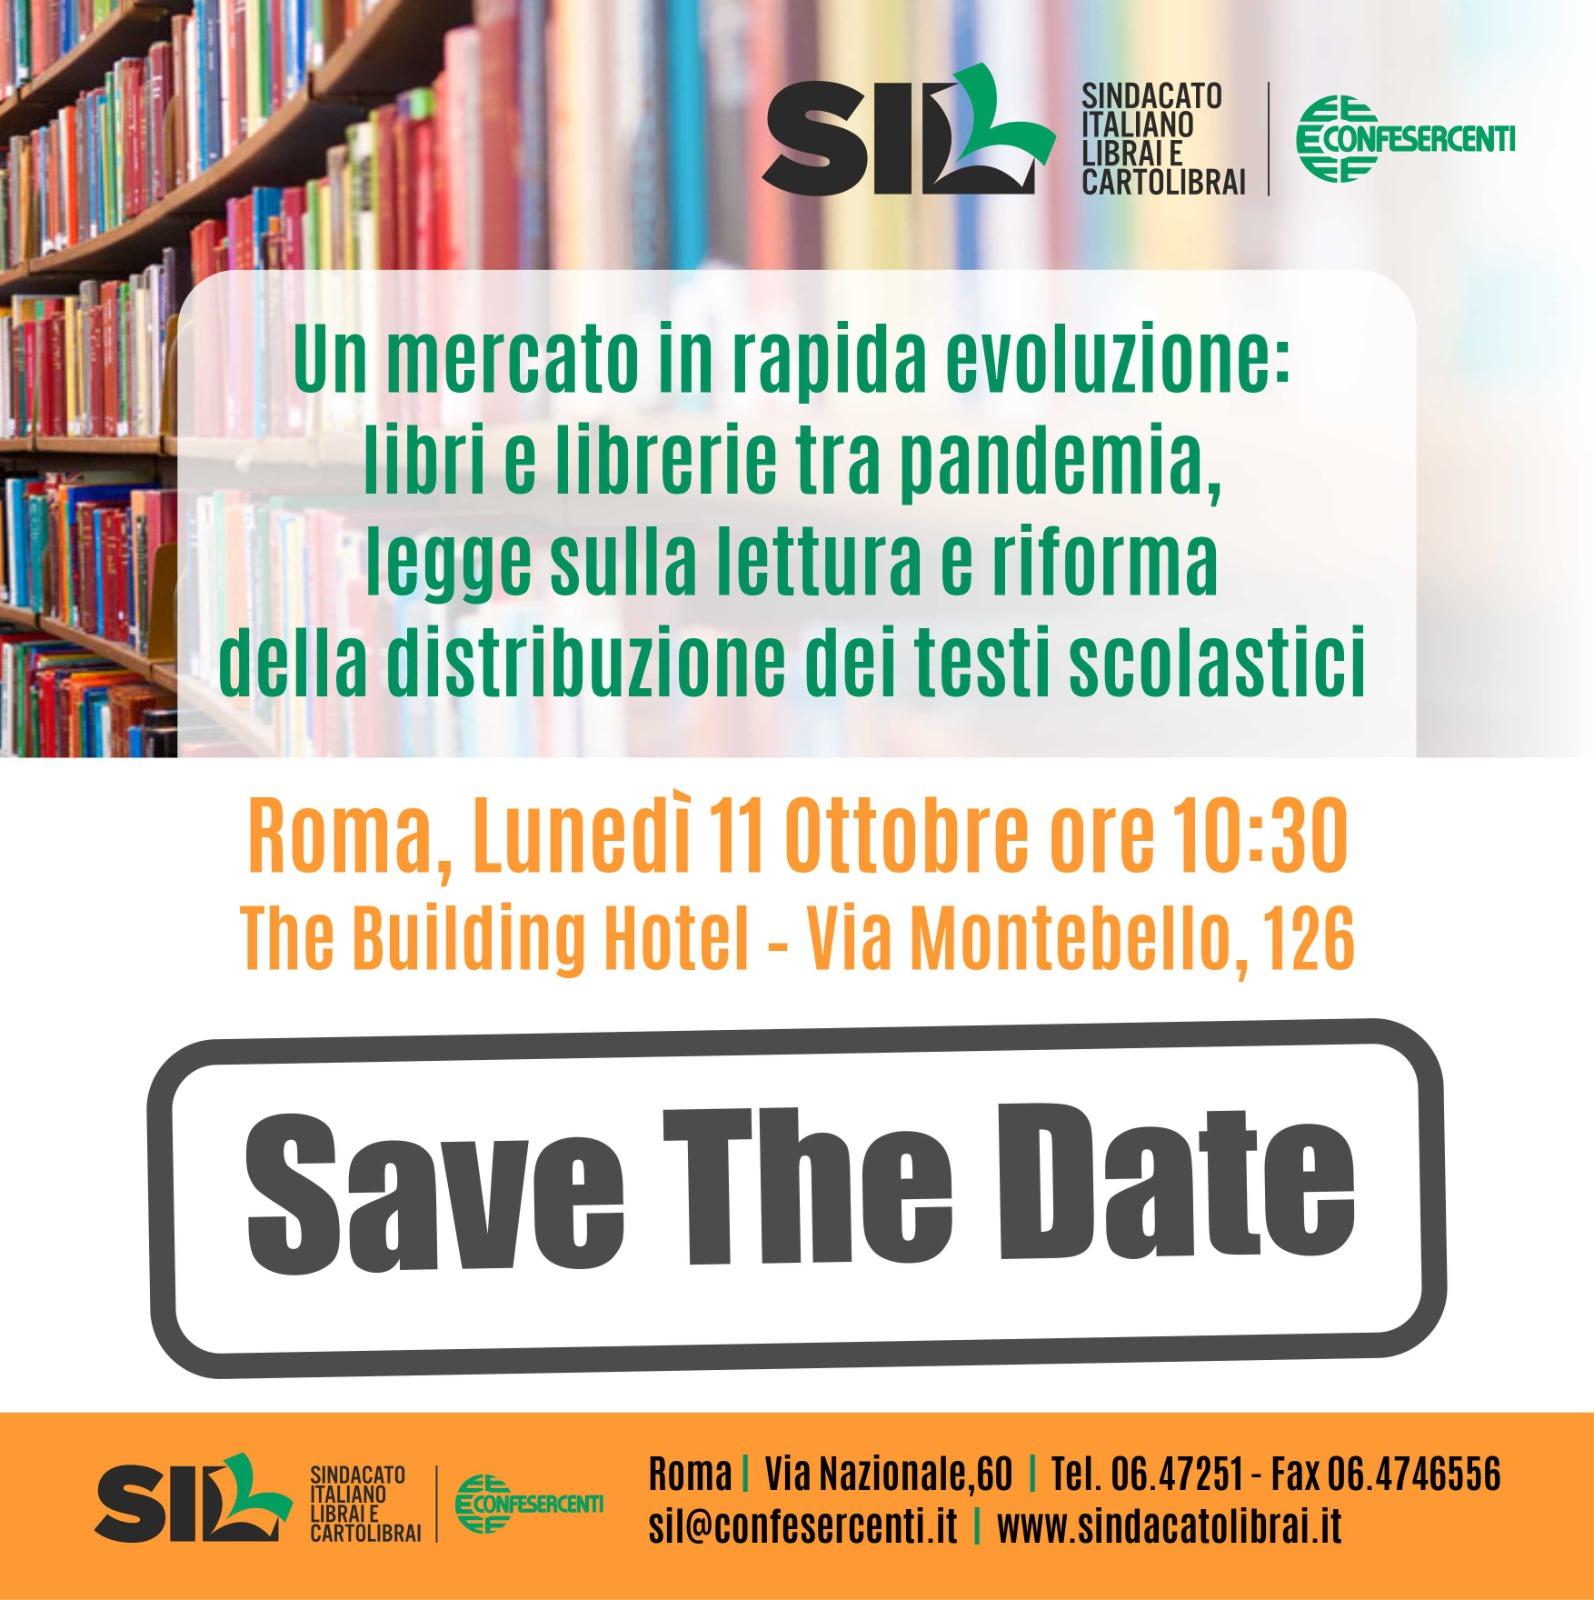 editoria:-il-mercato-dei-libri-tra-pandemia,-legge-sulla-lettura-e-riforma-della-scolastica,-l'11-ottobre-il-convegno-del-sil-confesercenti-a-roma